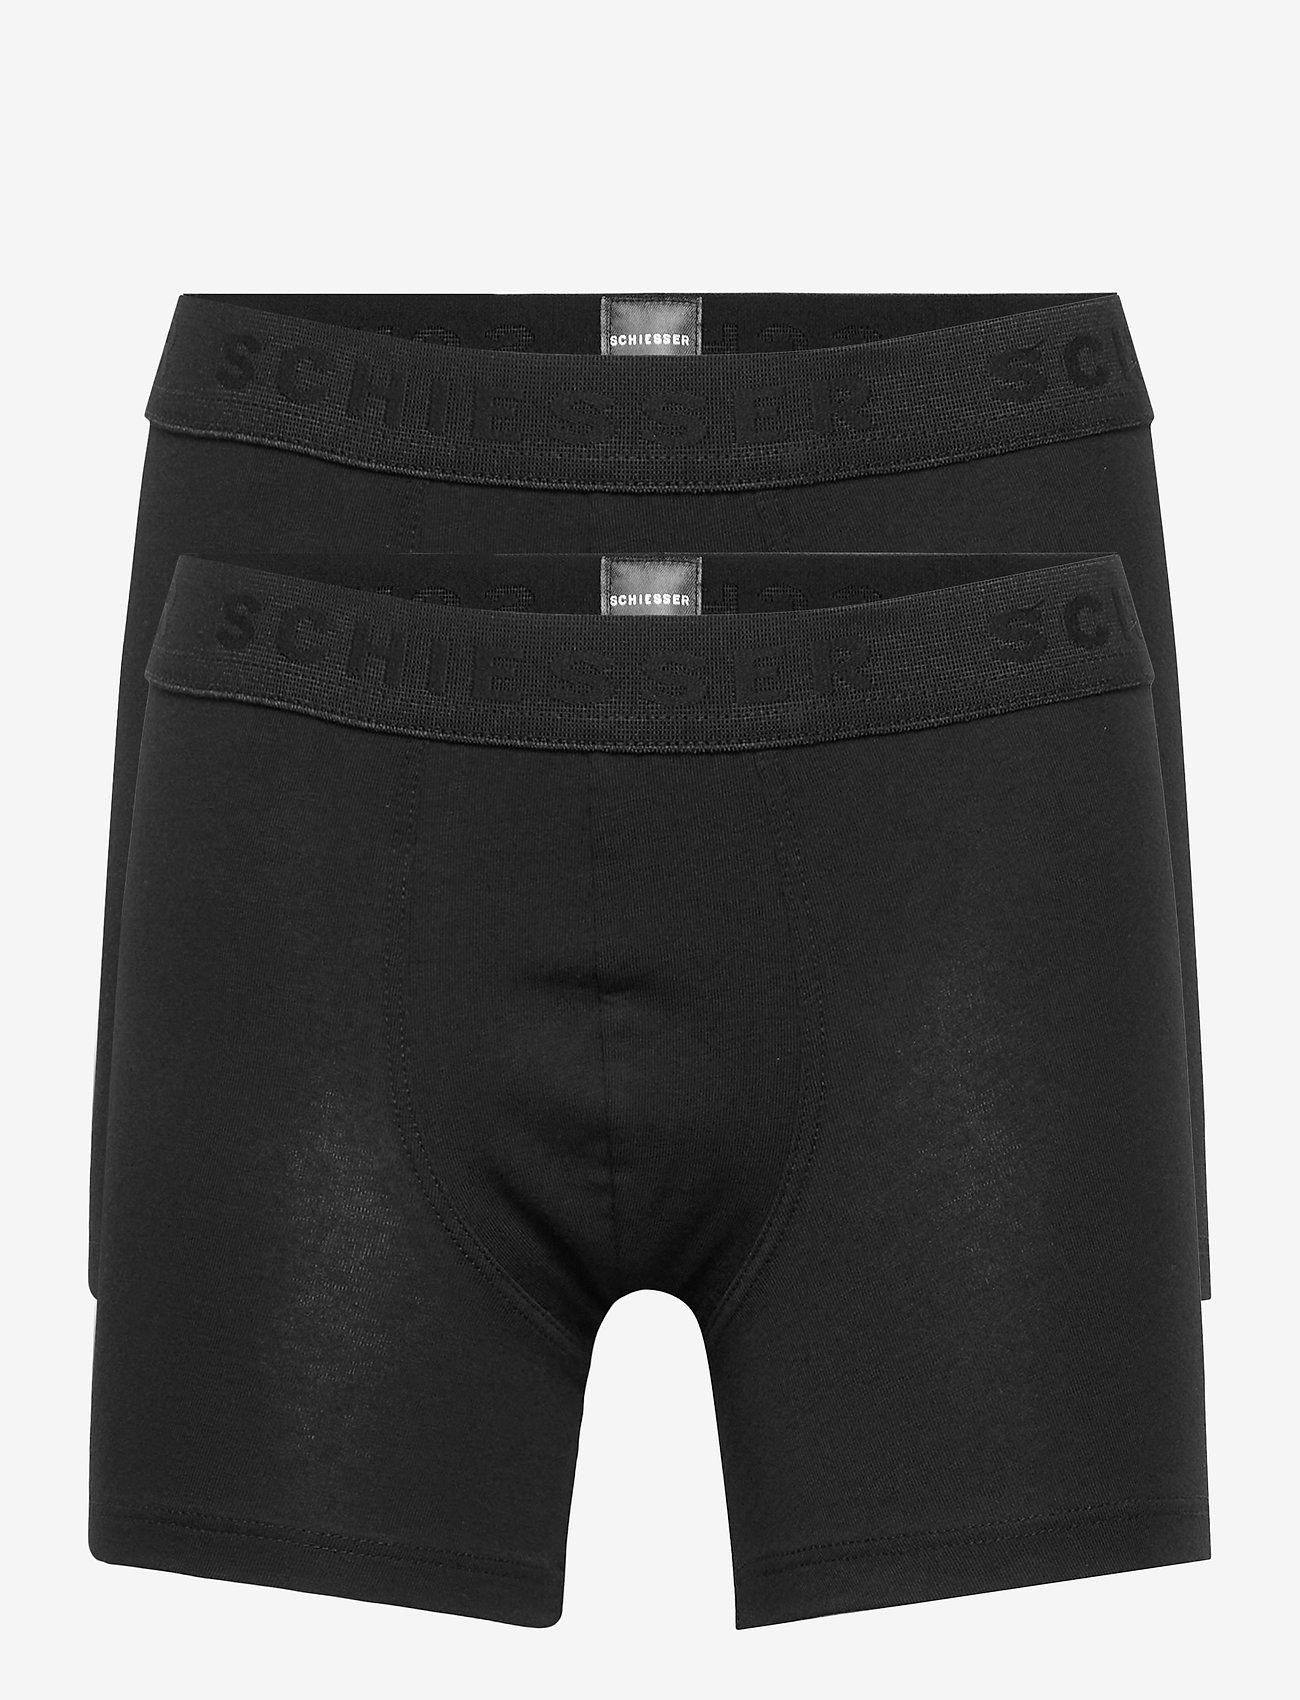 Schiesser - Shorts - shorts - black - 0